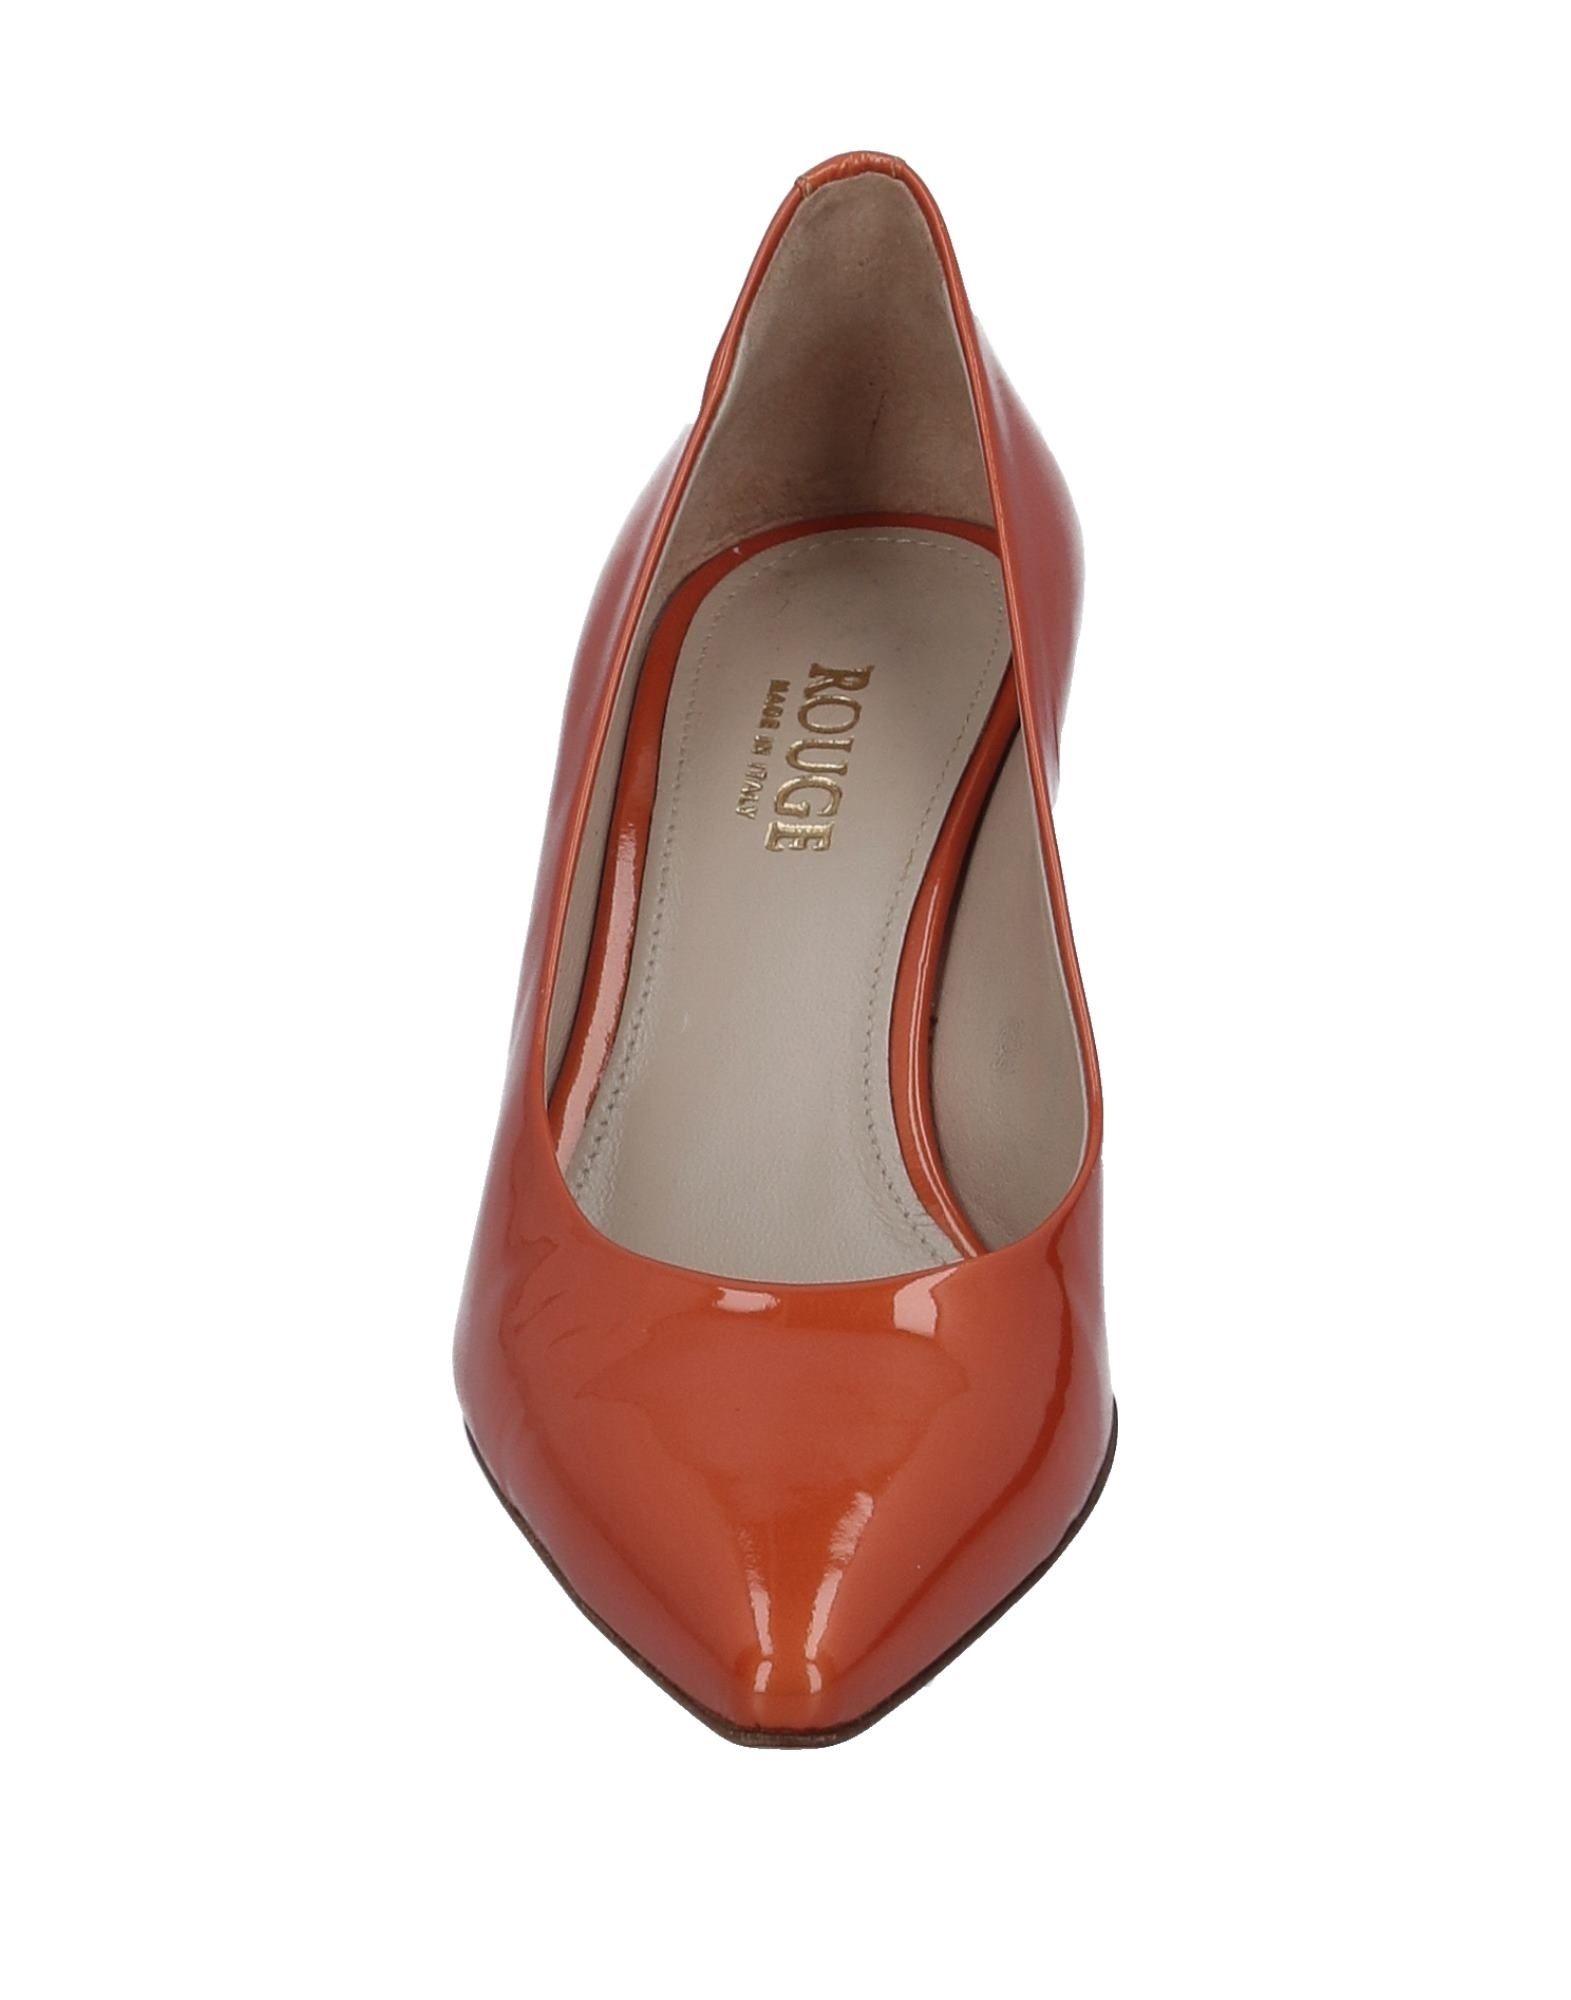 Rouge Pumps Damen beliebte  11013416OU Gute Qualität beliebte Damen Schuhe b2bed4